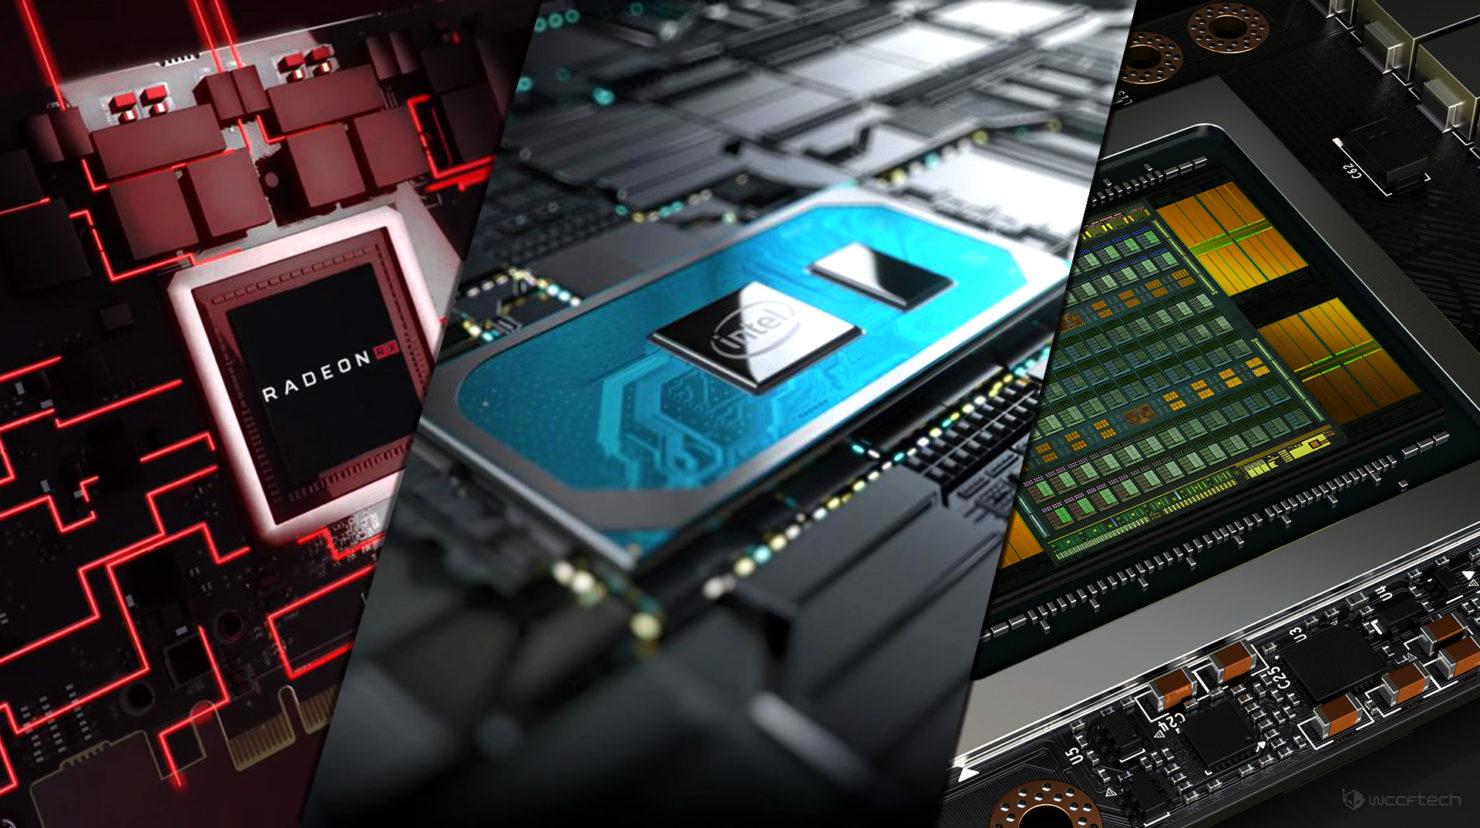 jpr:-pc-gpu-market-hits-$11.8-billion,-nvidia-lost-1%-share-to-amd-but-still-owns-80%-of-the-gpu-market